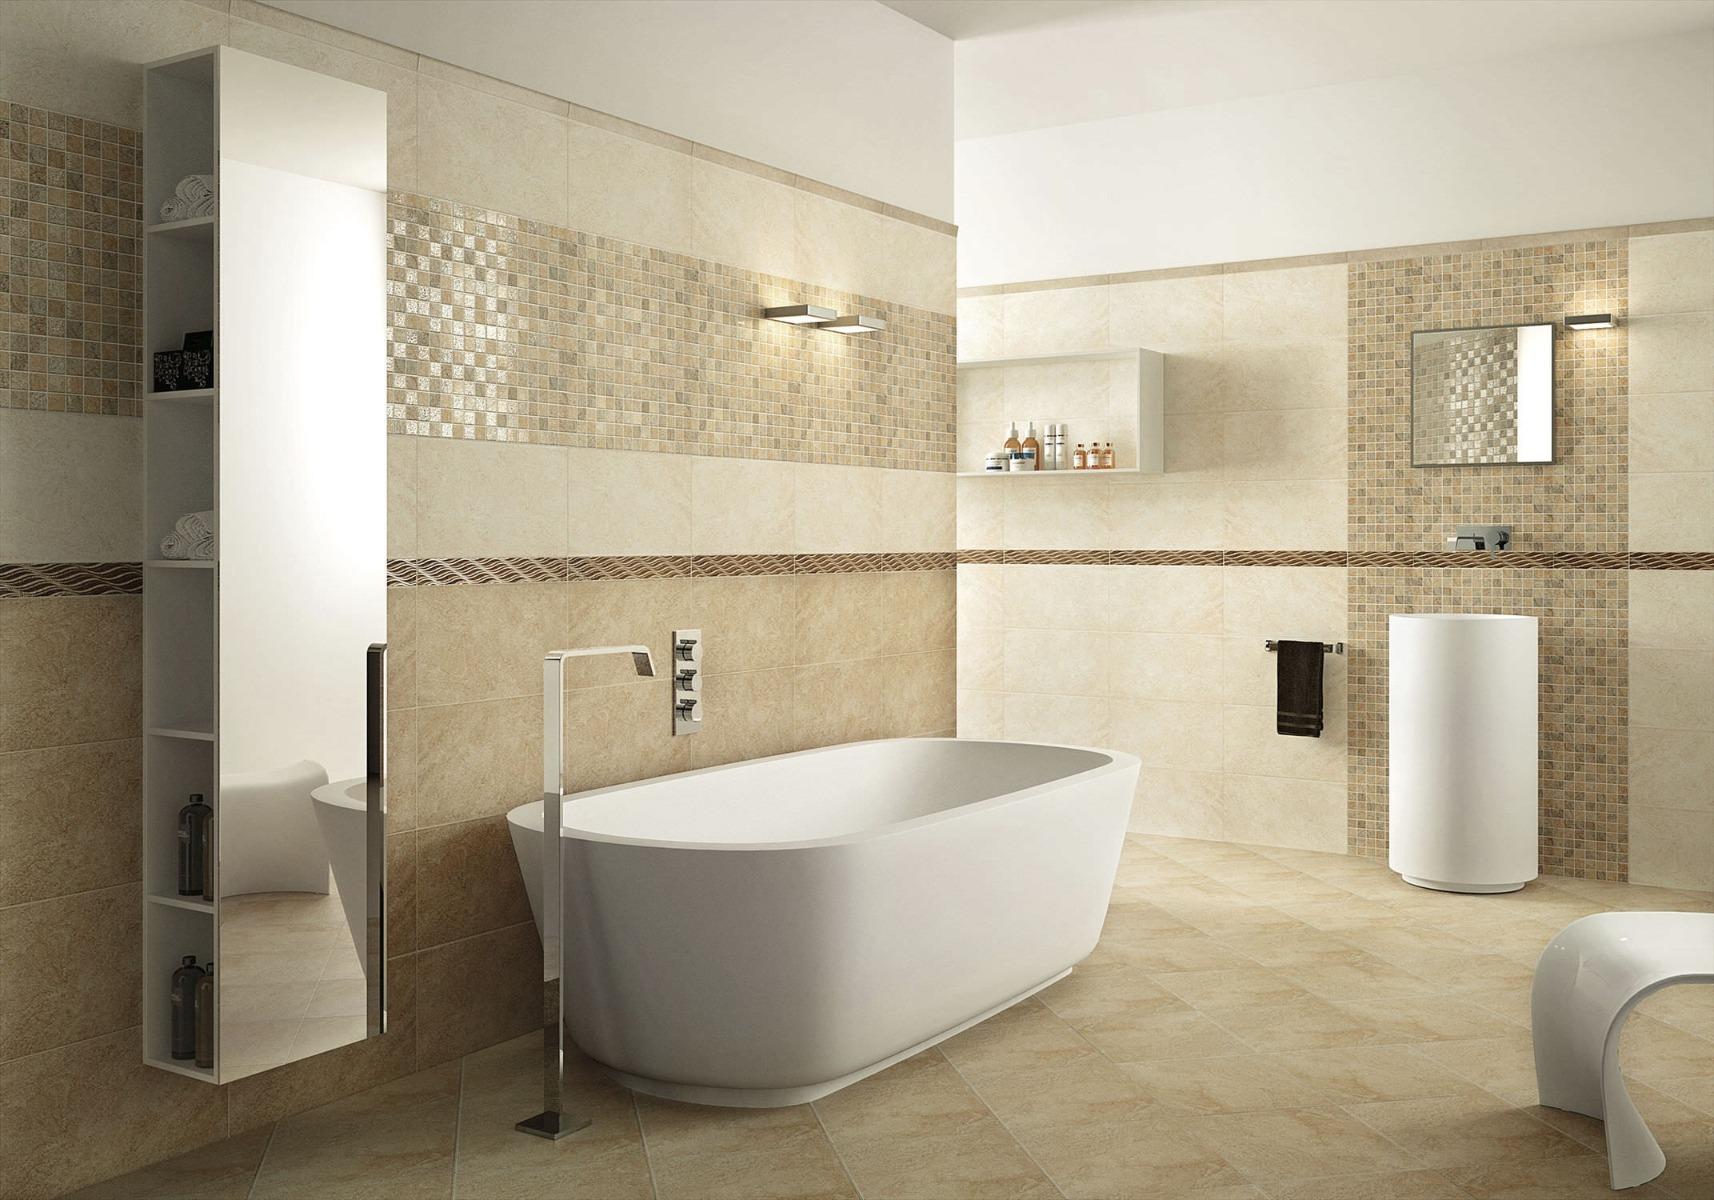 керамогранит в ванную комнату дизайн фото 6